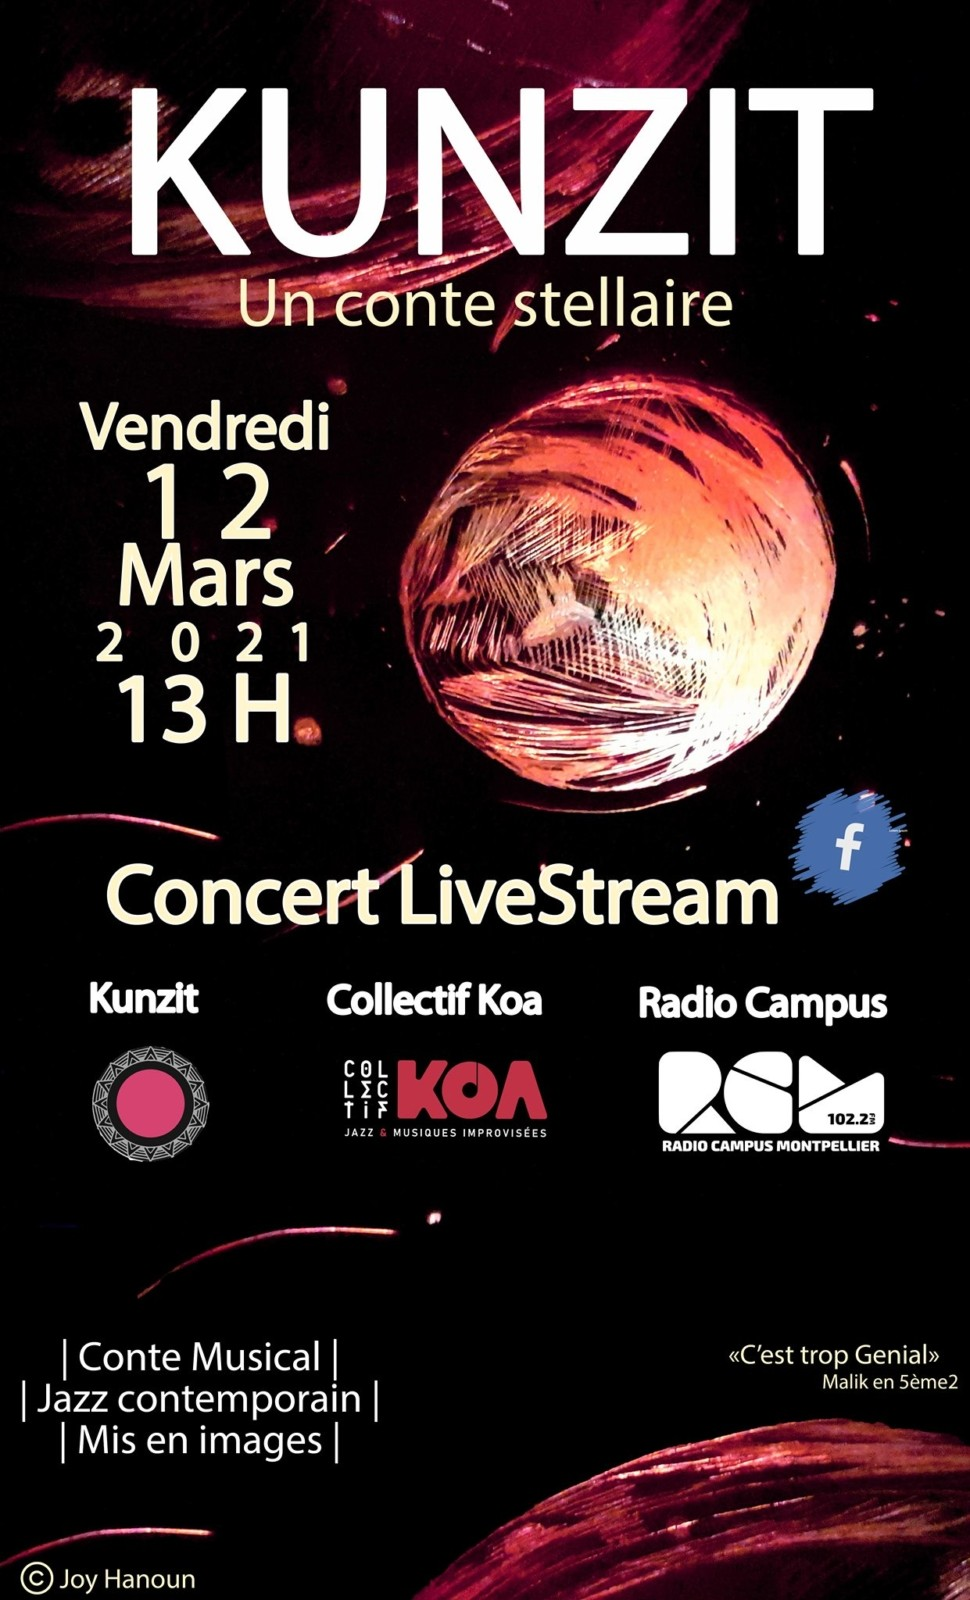 Kunzit un conte stellaire Collectif Koa Radio Campus Montpellier